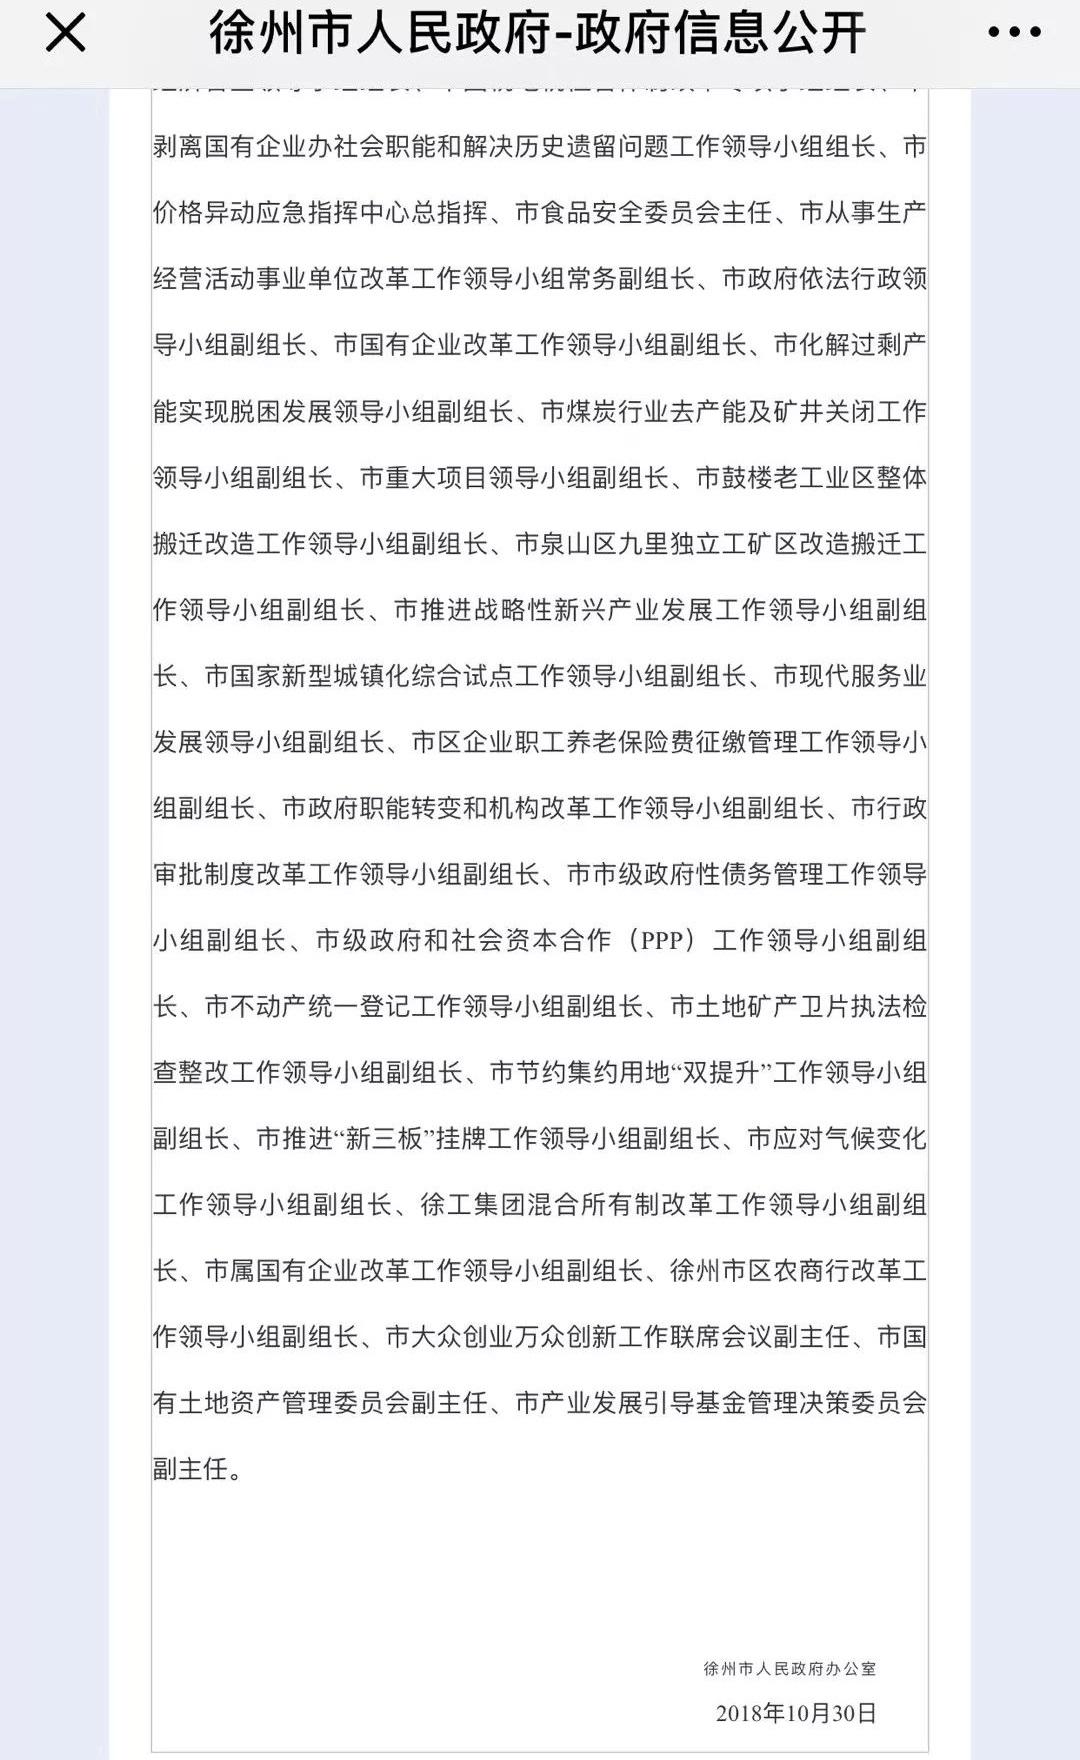 王劍鋒的頭銜。徐州市政府